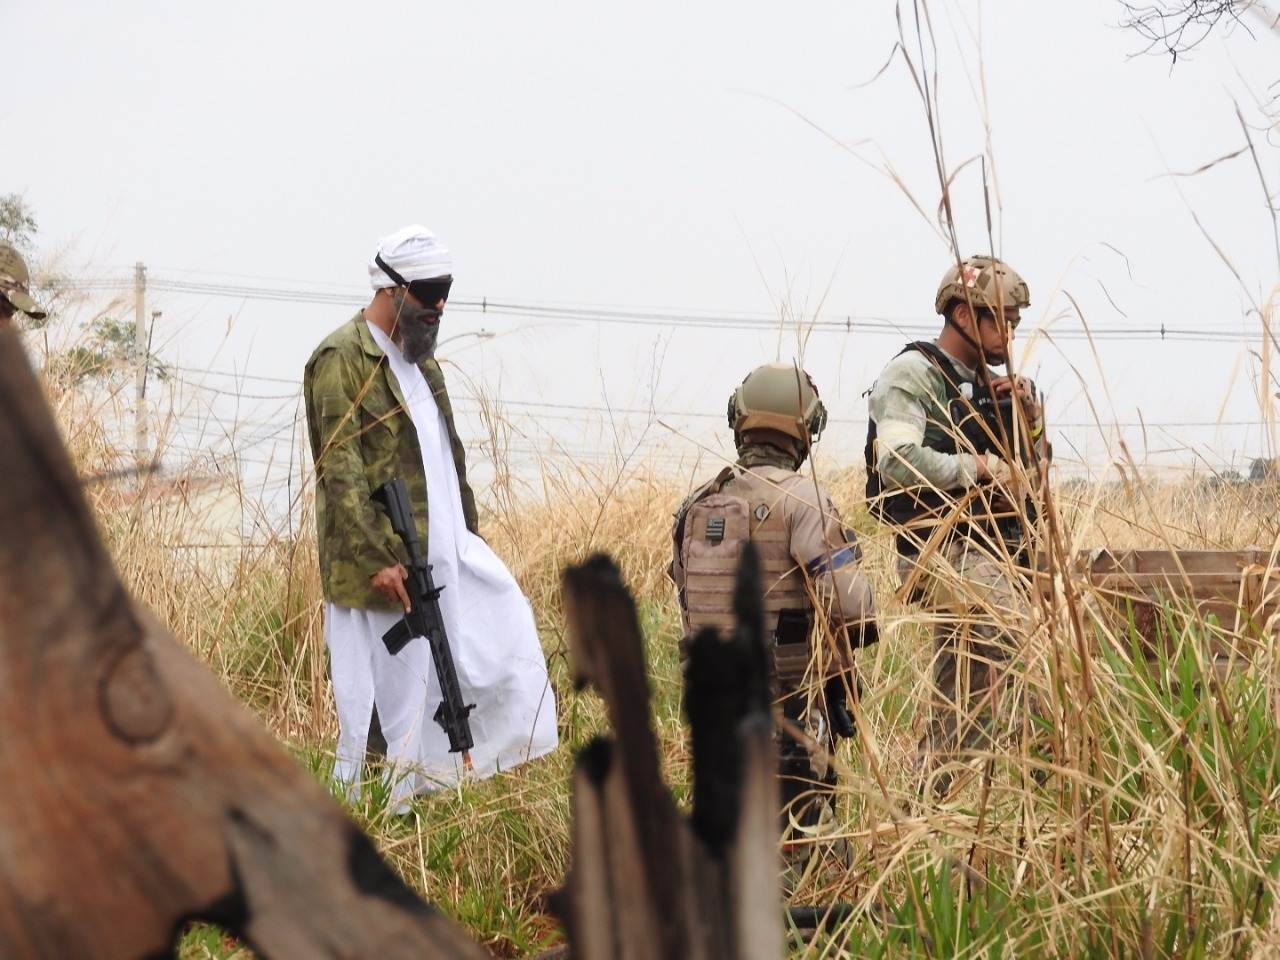 """Intitulada de """"Ataque a Quabun"""", jogo de airsoft simulou um verdadeiro campo de guerra em Goiânia   Foto: Alex Sander Arantes"""